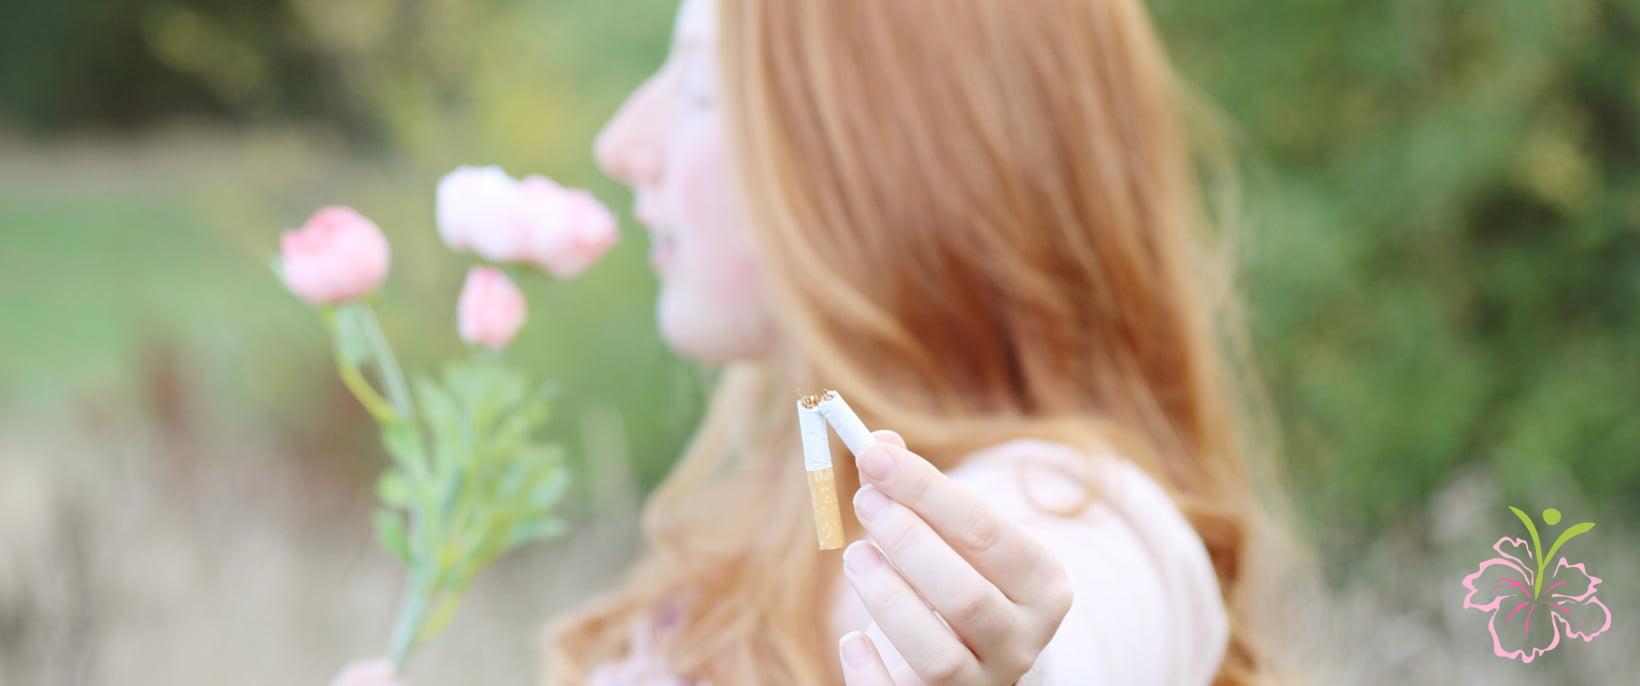 Nachhaltige Raucherentwöhnung